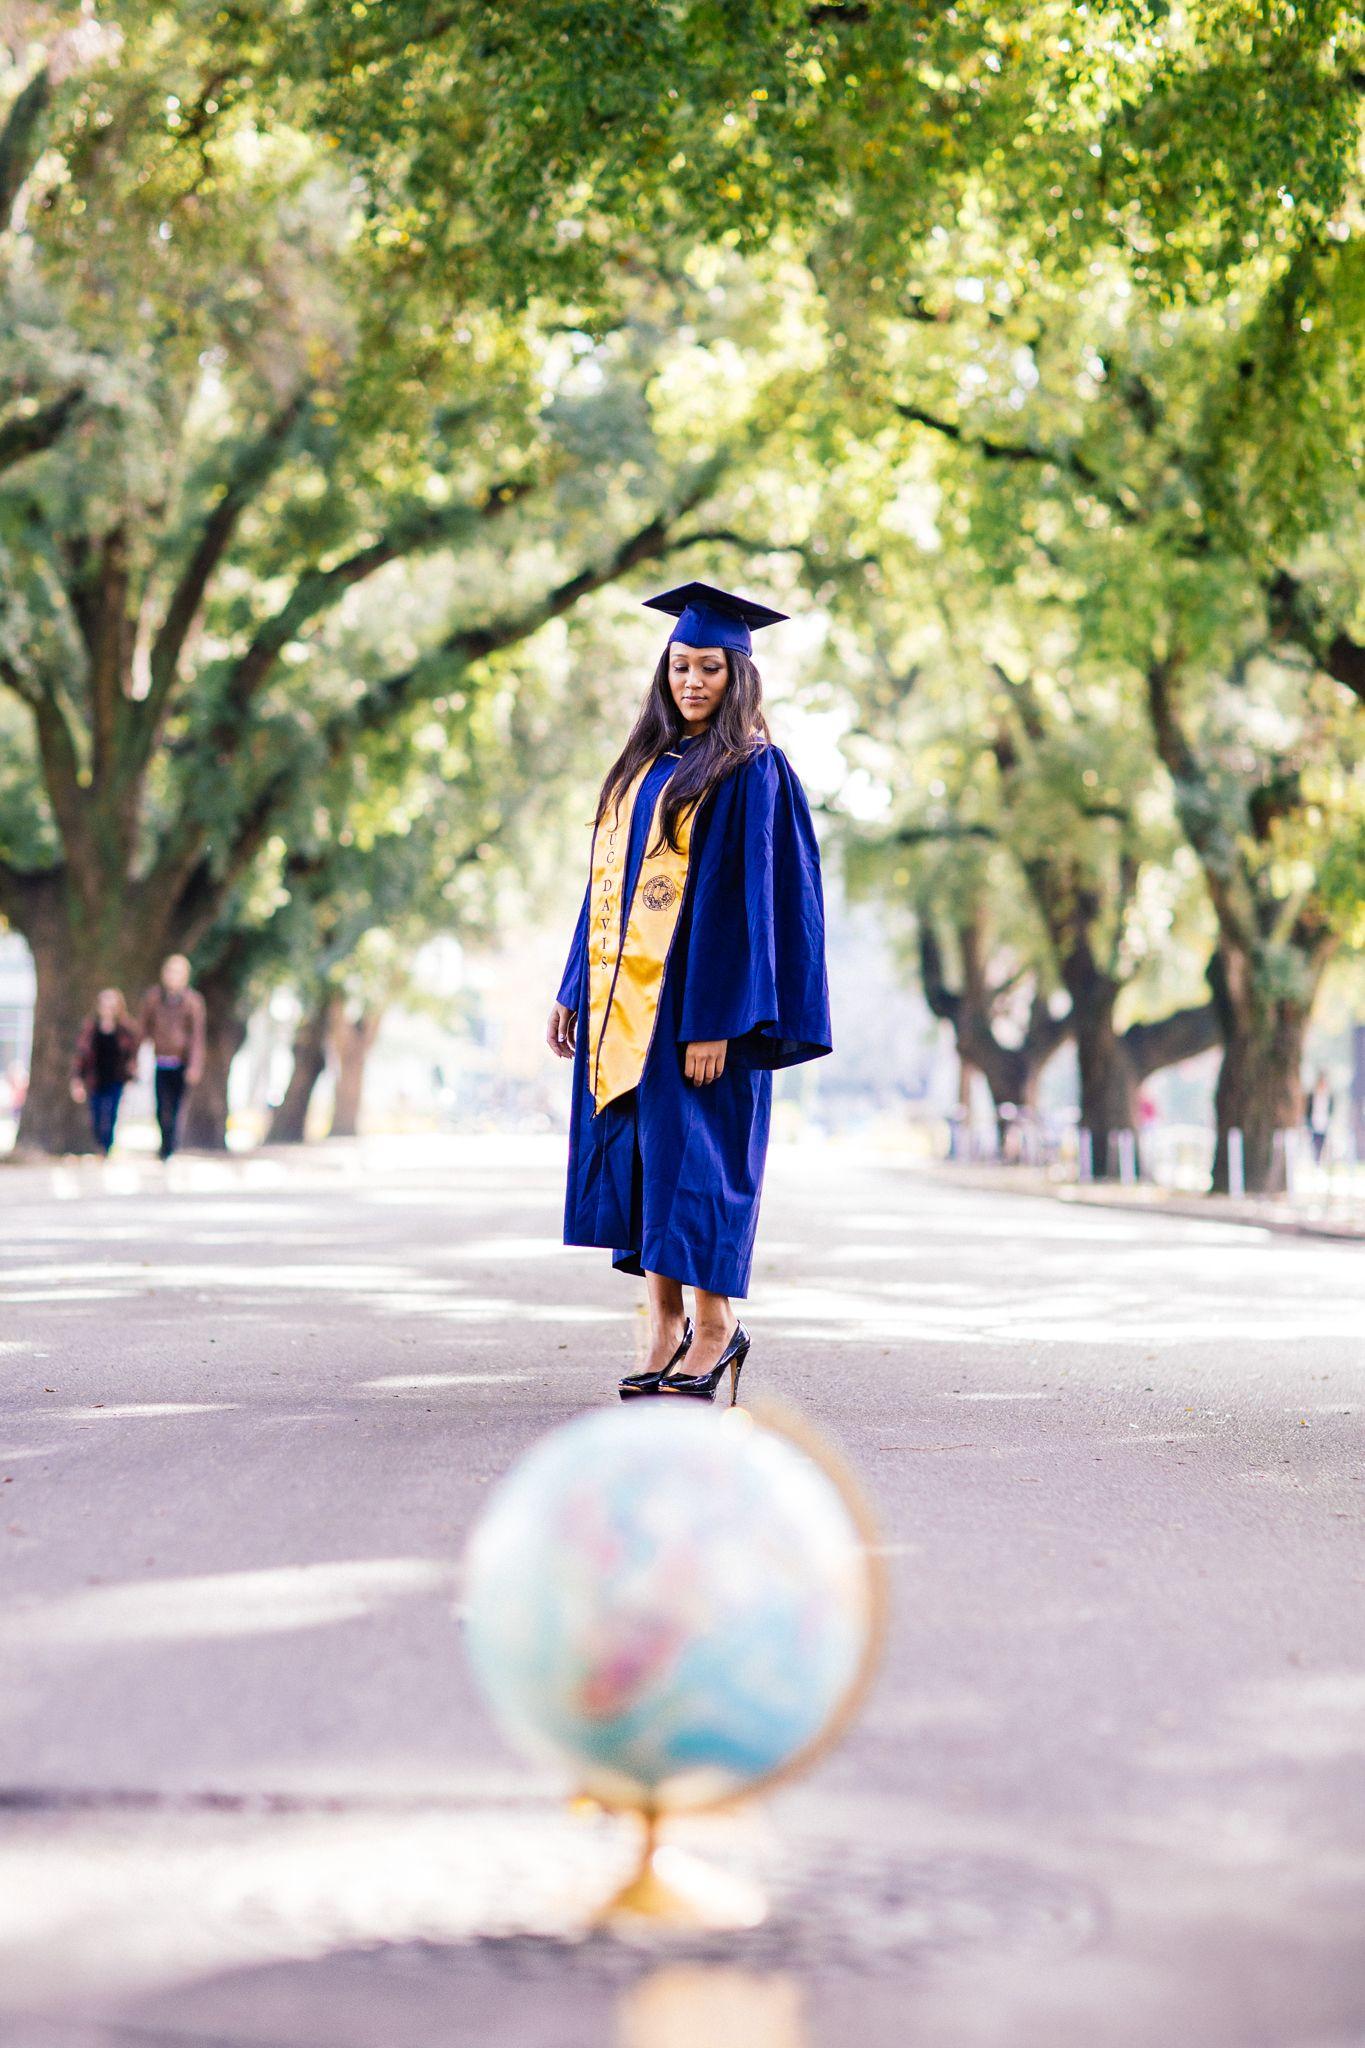 UC Davis Graduation photos | Graduation Photos | Pinterest ...